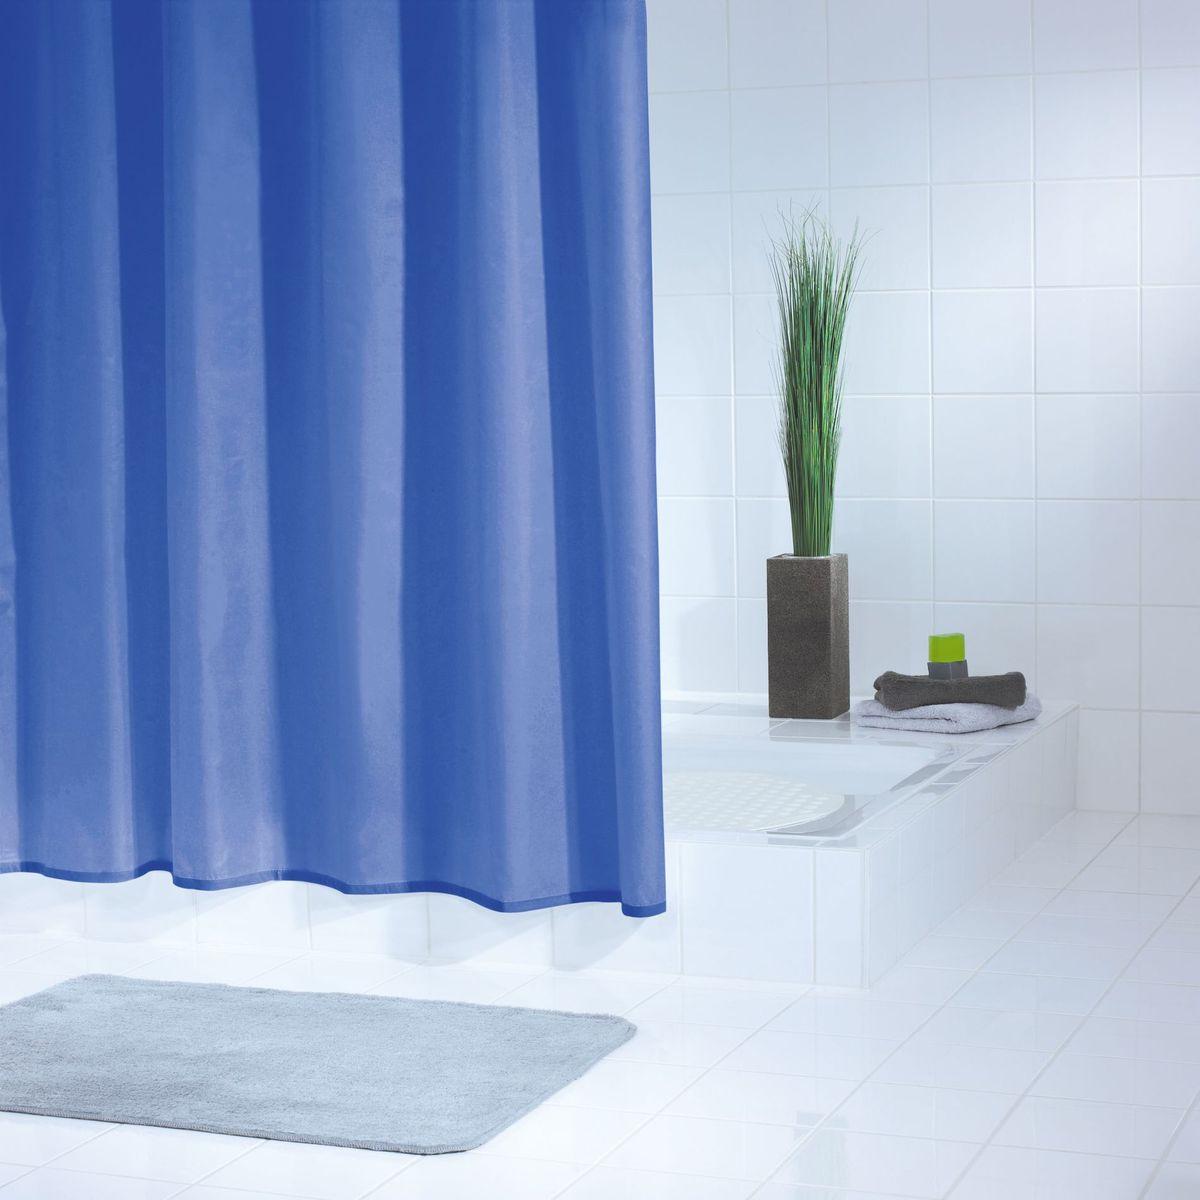 """Высококачественная немецкая шторка Ridder """"Standard"""" создаст прекрасное  настроение в ванной комнате.  Данное изделие имеет антигрибковое, водоотталкивающее и антистатическое  покрытие и утяжеленный нижний кант. Машинная стирка.  Глажка при низкой температуре."""